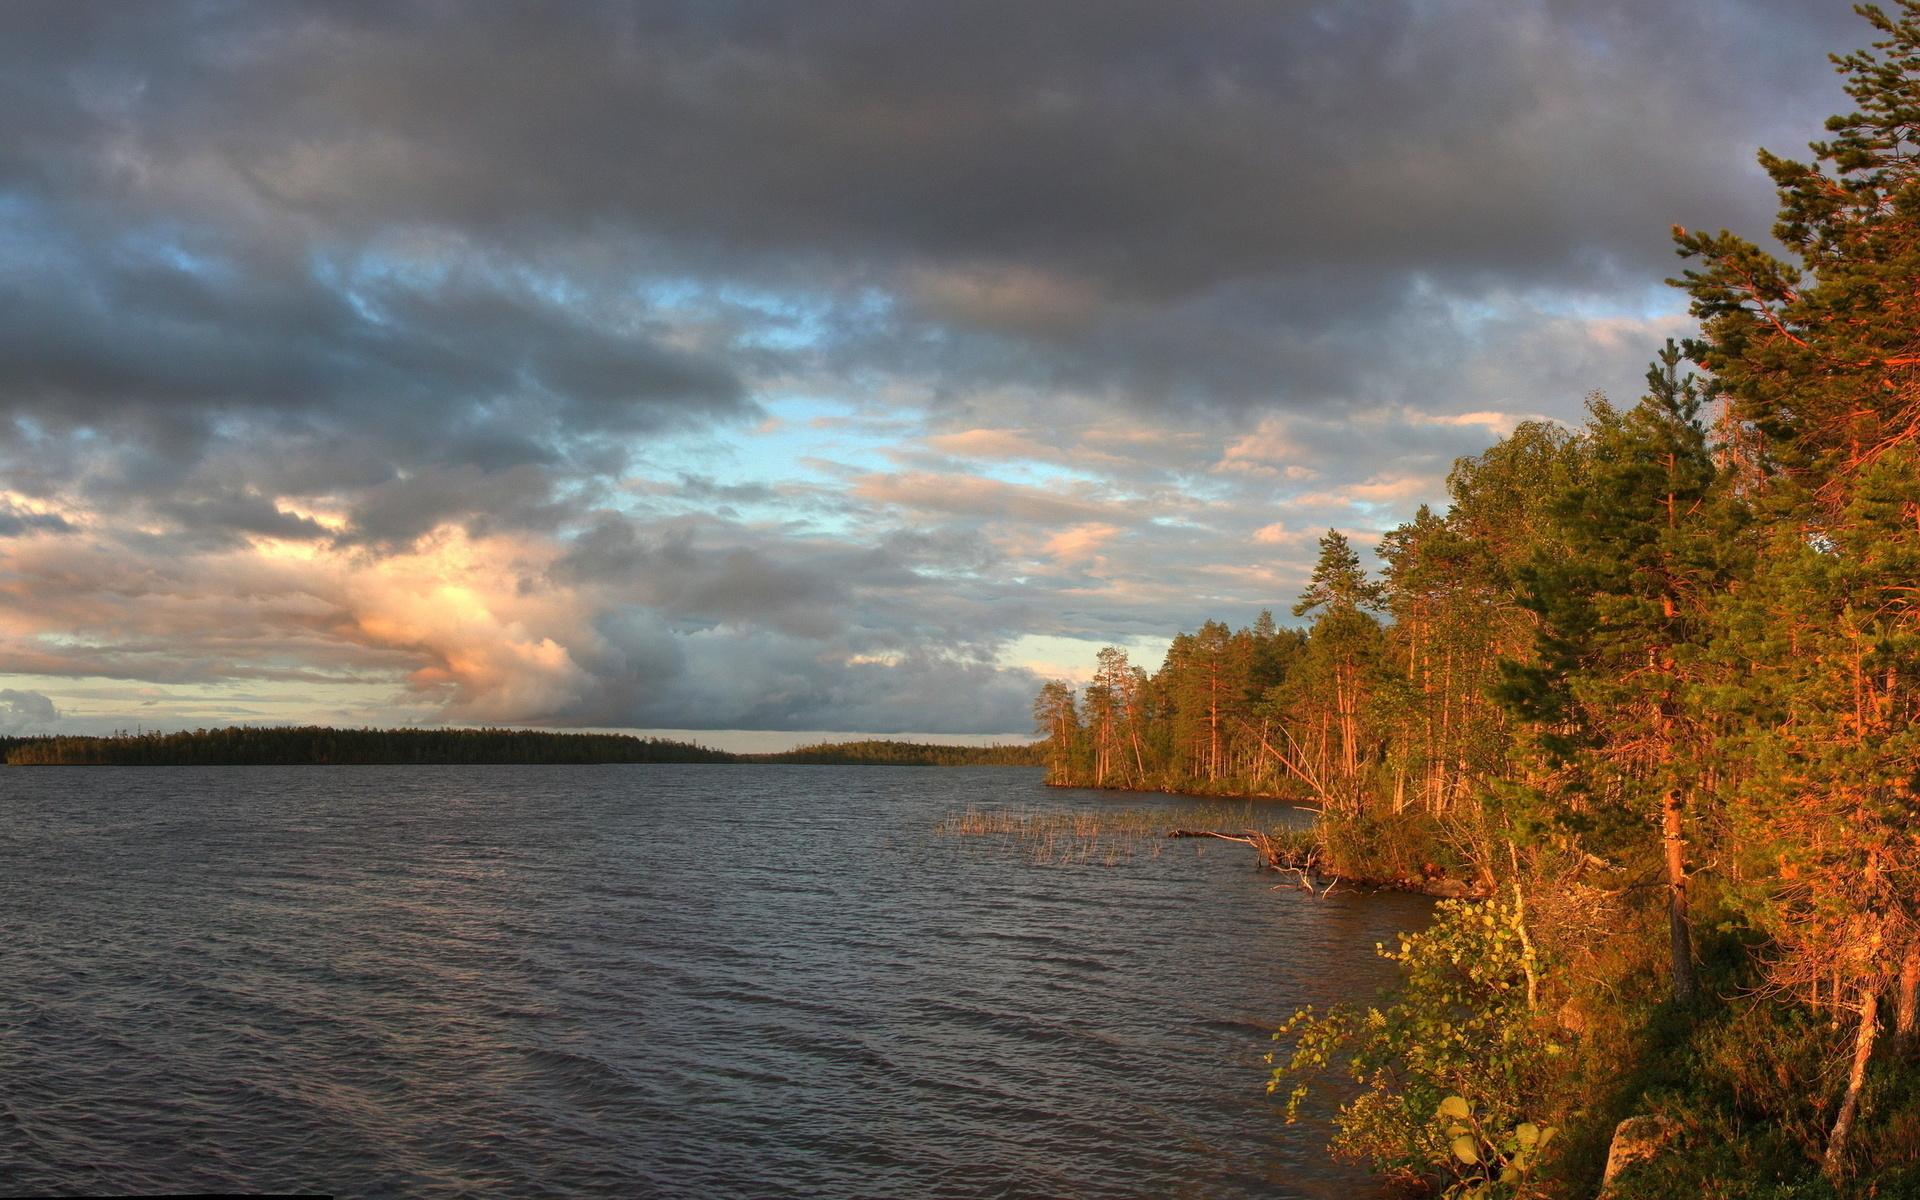 Скачать картинку Облака, Озера, Пейзаж, Деревья в телефон бесплатно.